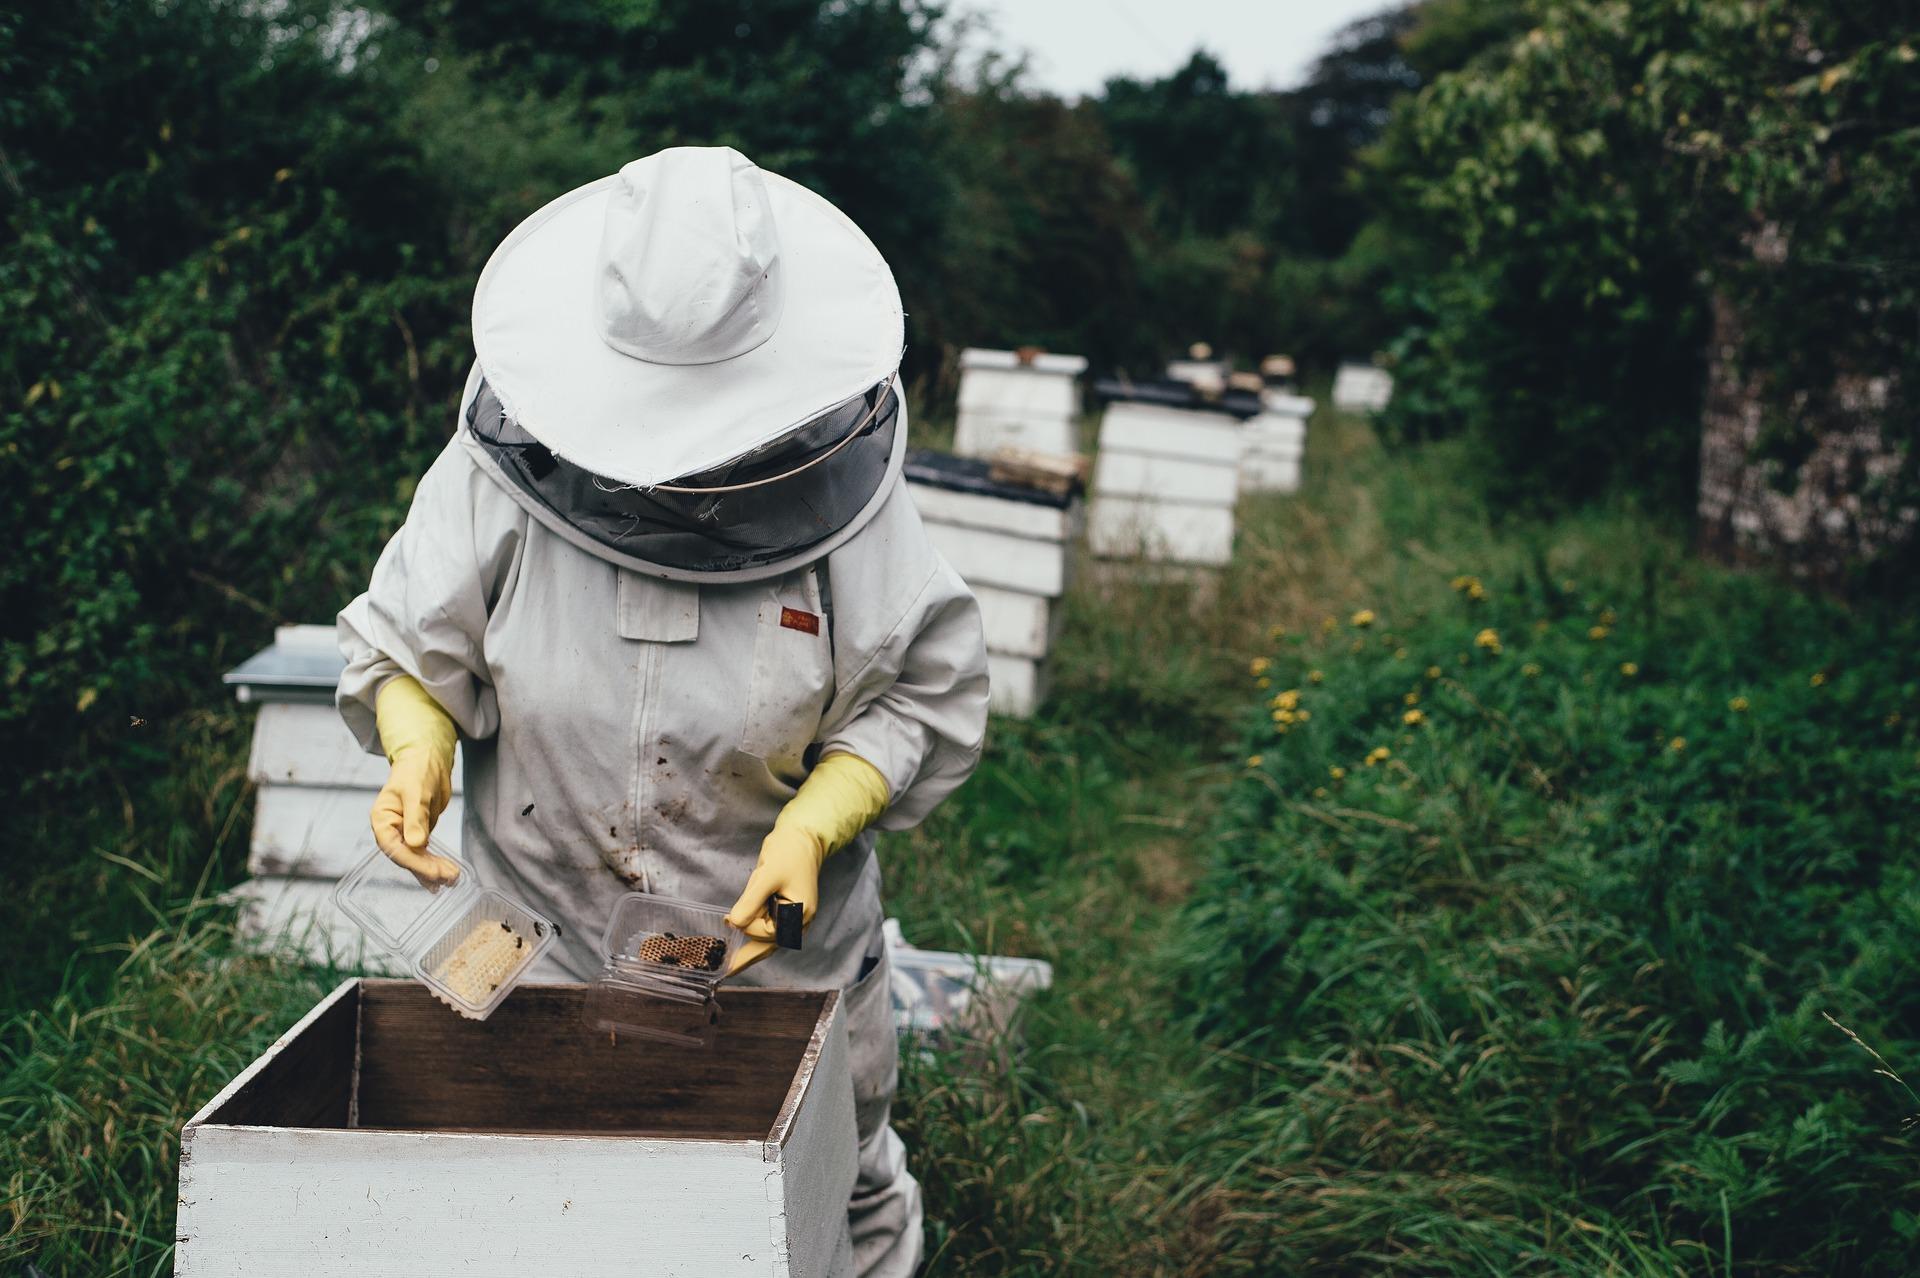 apiary-1866740_1920-1.jpg